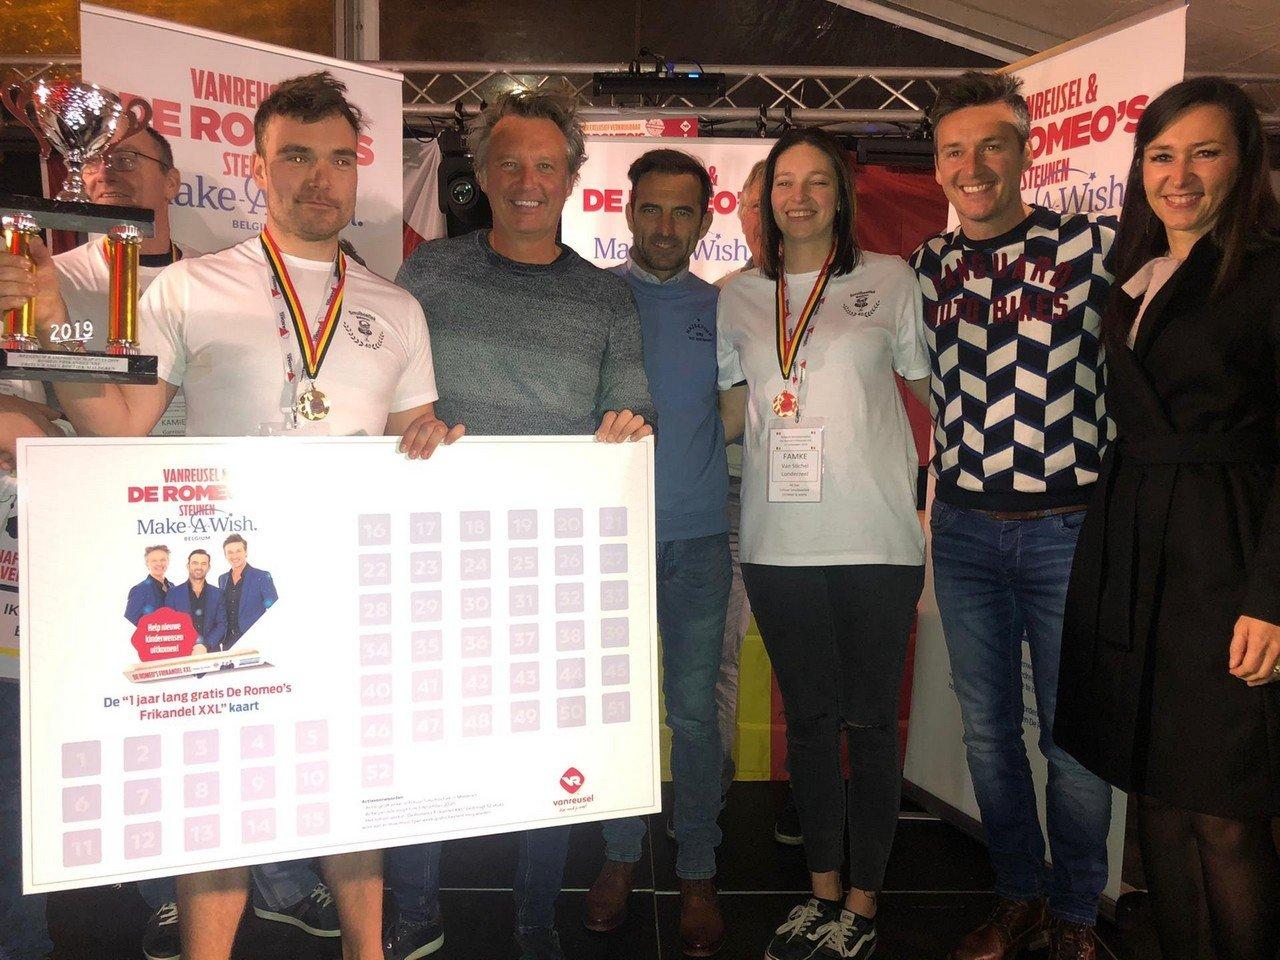 Rik Nauwelaerts is de eerste Belgische kampioen 'De Romeo's Frikandel XXL'-eten. - Belgische kampioen 'De Romeo's Frikandel XXL' eten 219 2